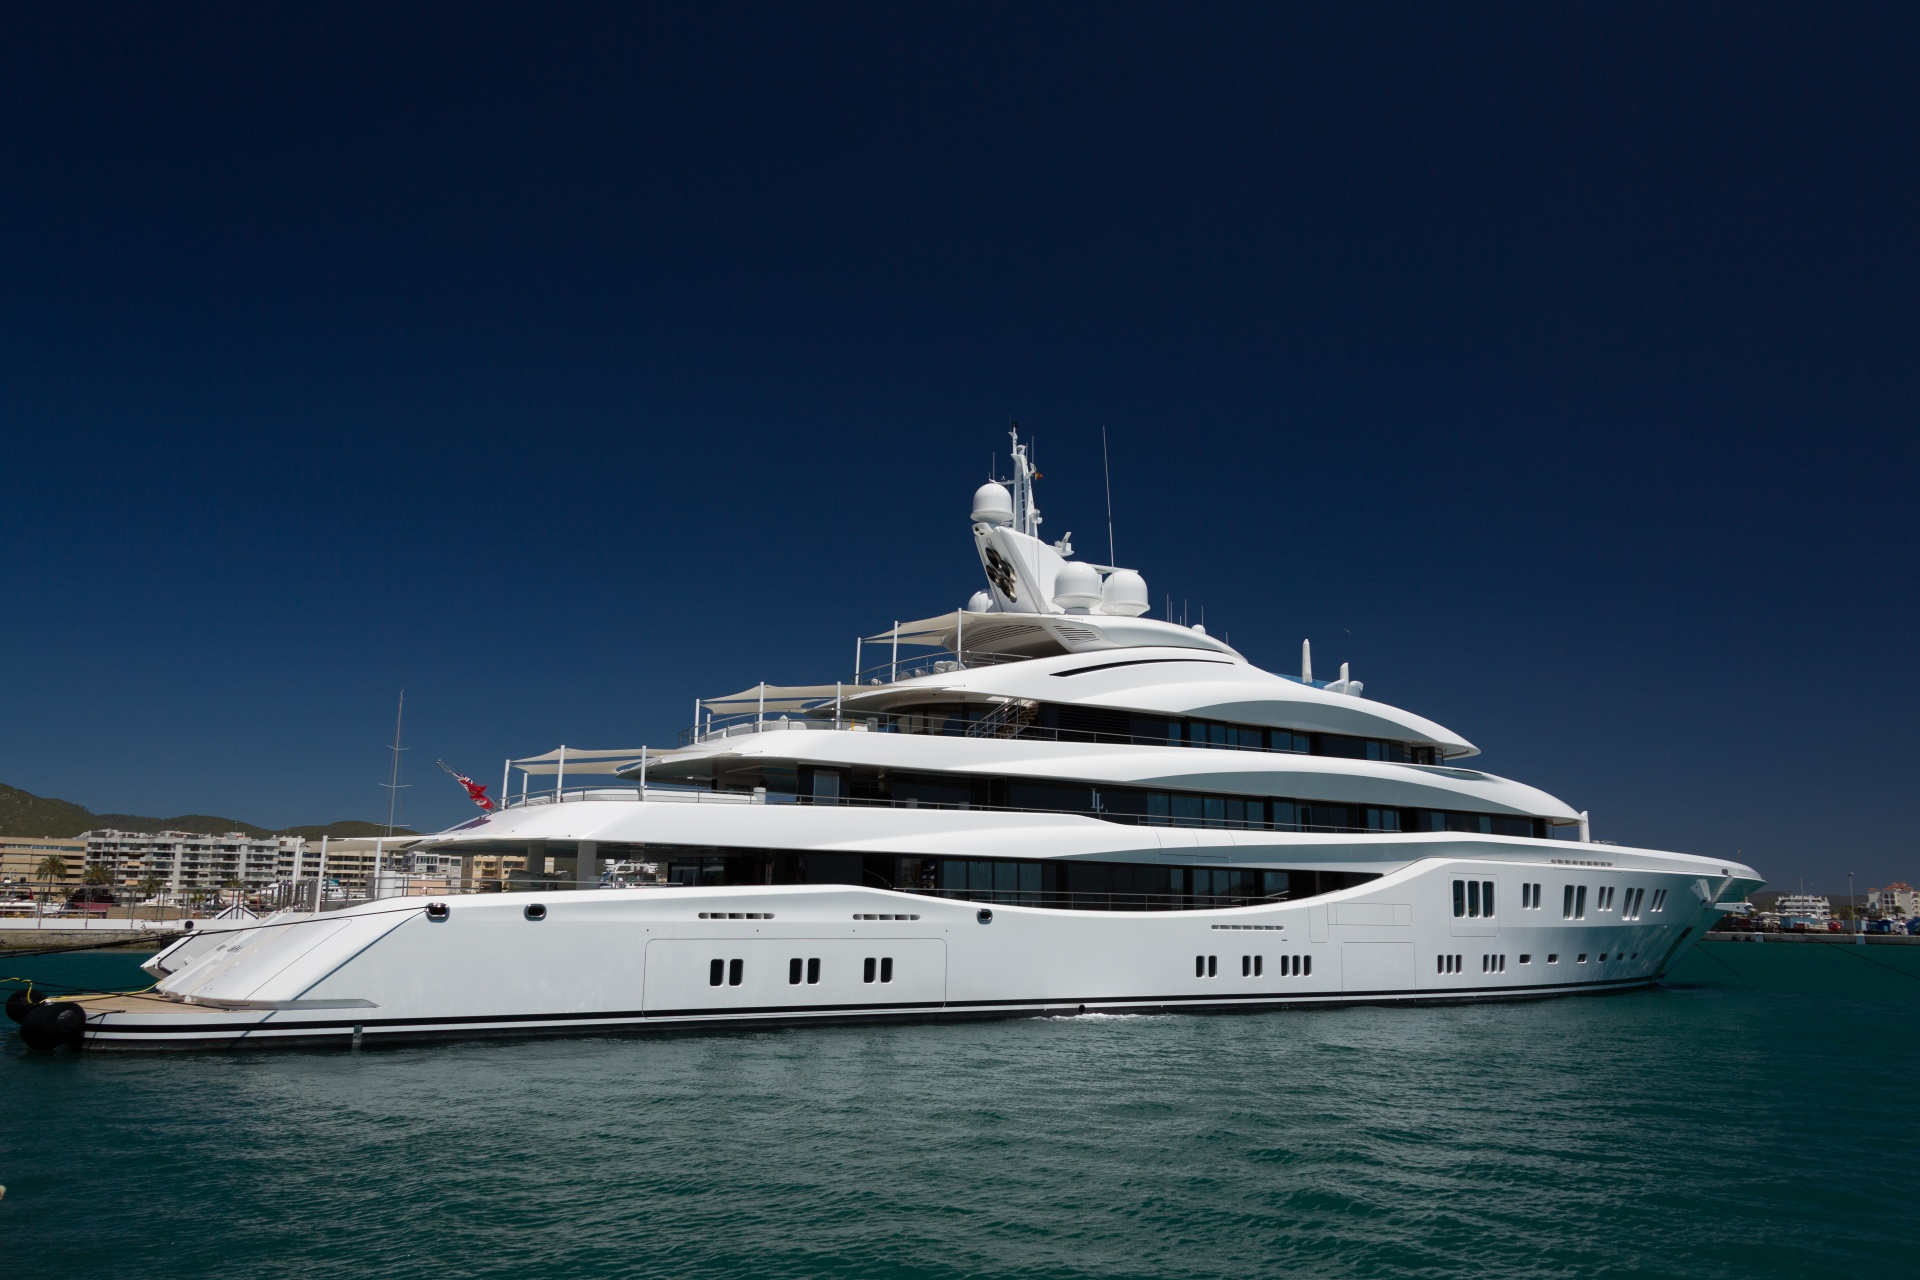 Comment organiser une soir e inoubliable bord d un yacht yacht scuderia location yacht - Organiser une soiree romantique ...